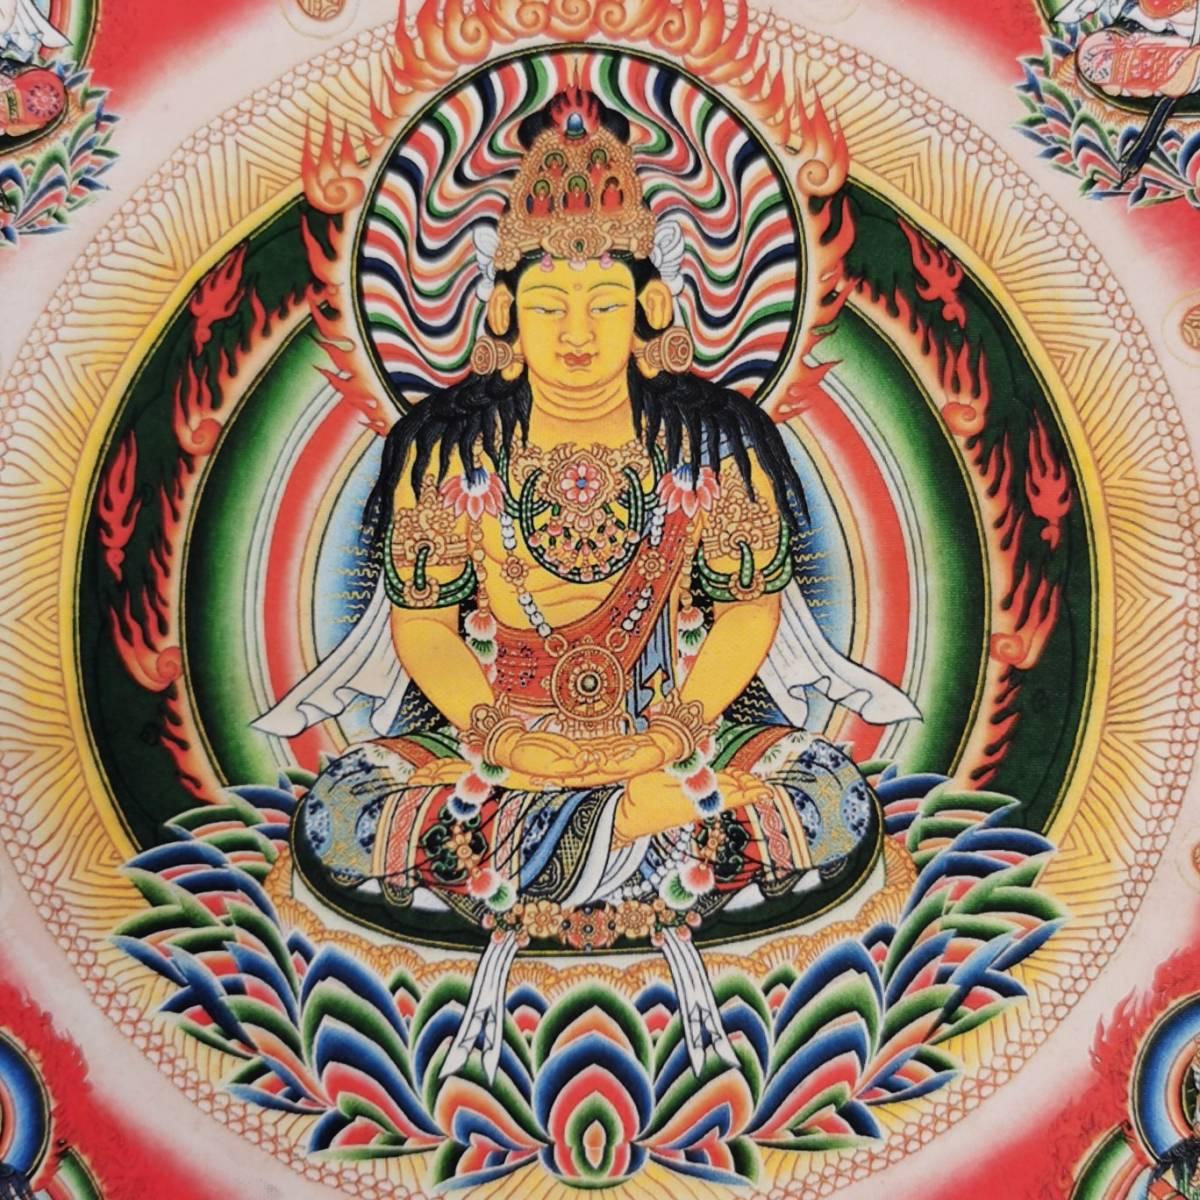 胎蔵界 曼荼羅 曼陀羅 マンダラ チベットタントリック タンカ 特別配布 印刷画  チベット仏像 大判 タンカ インテリア 装飾_画像7